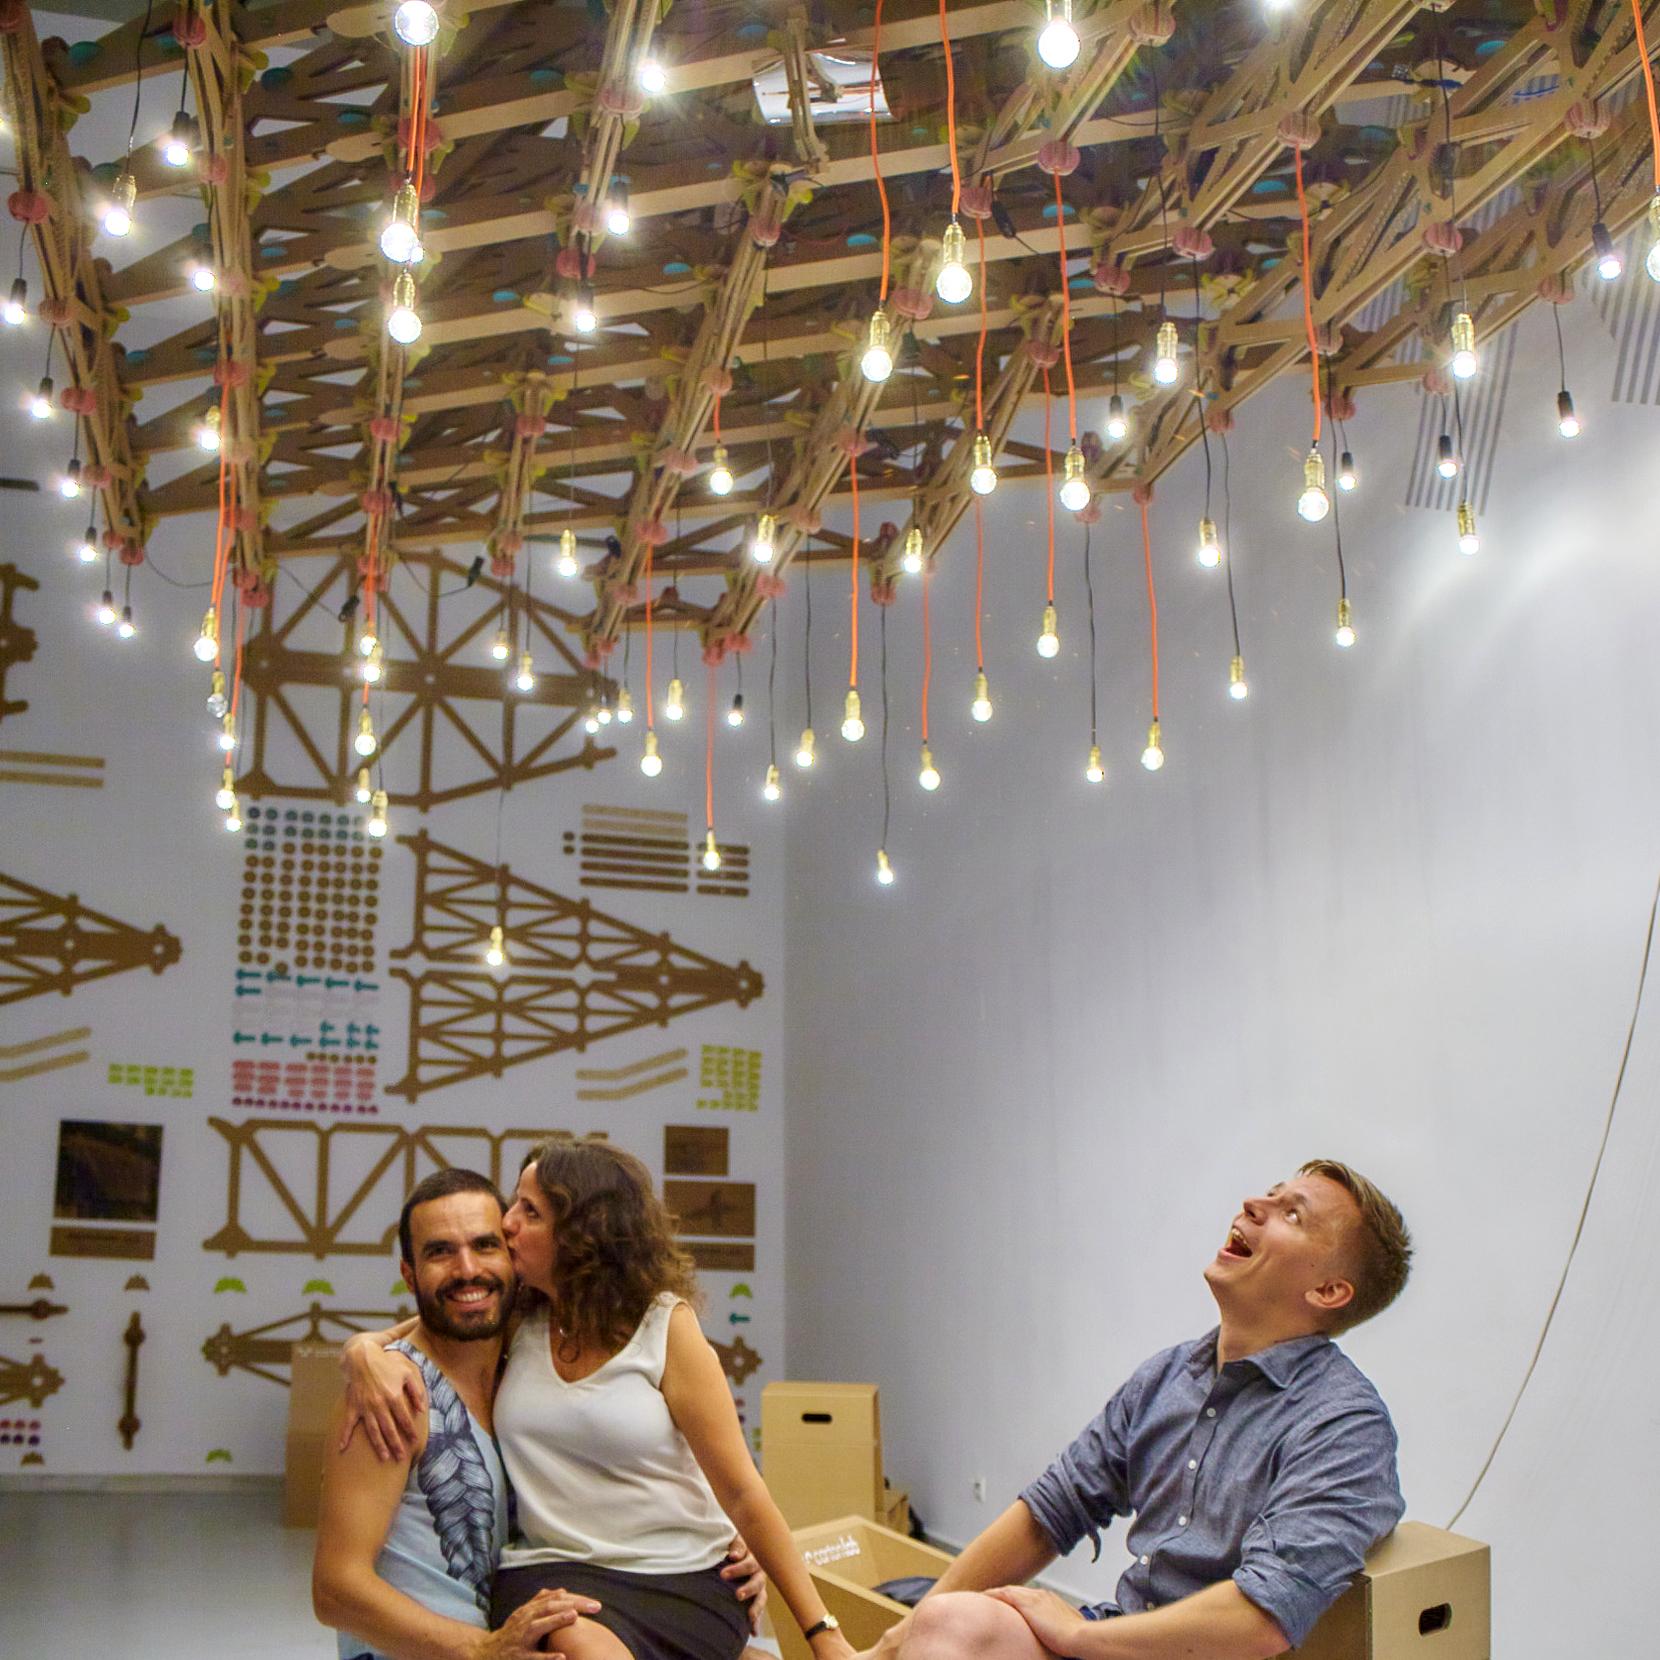 lampara-extensible-cartonlab-puertas-castilla-instalacion